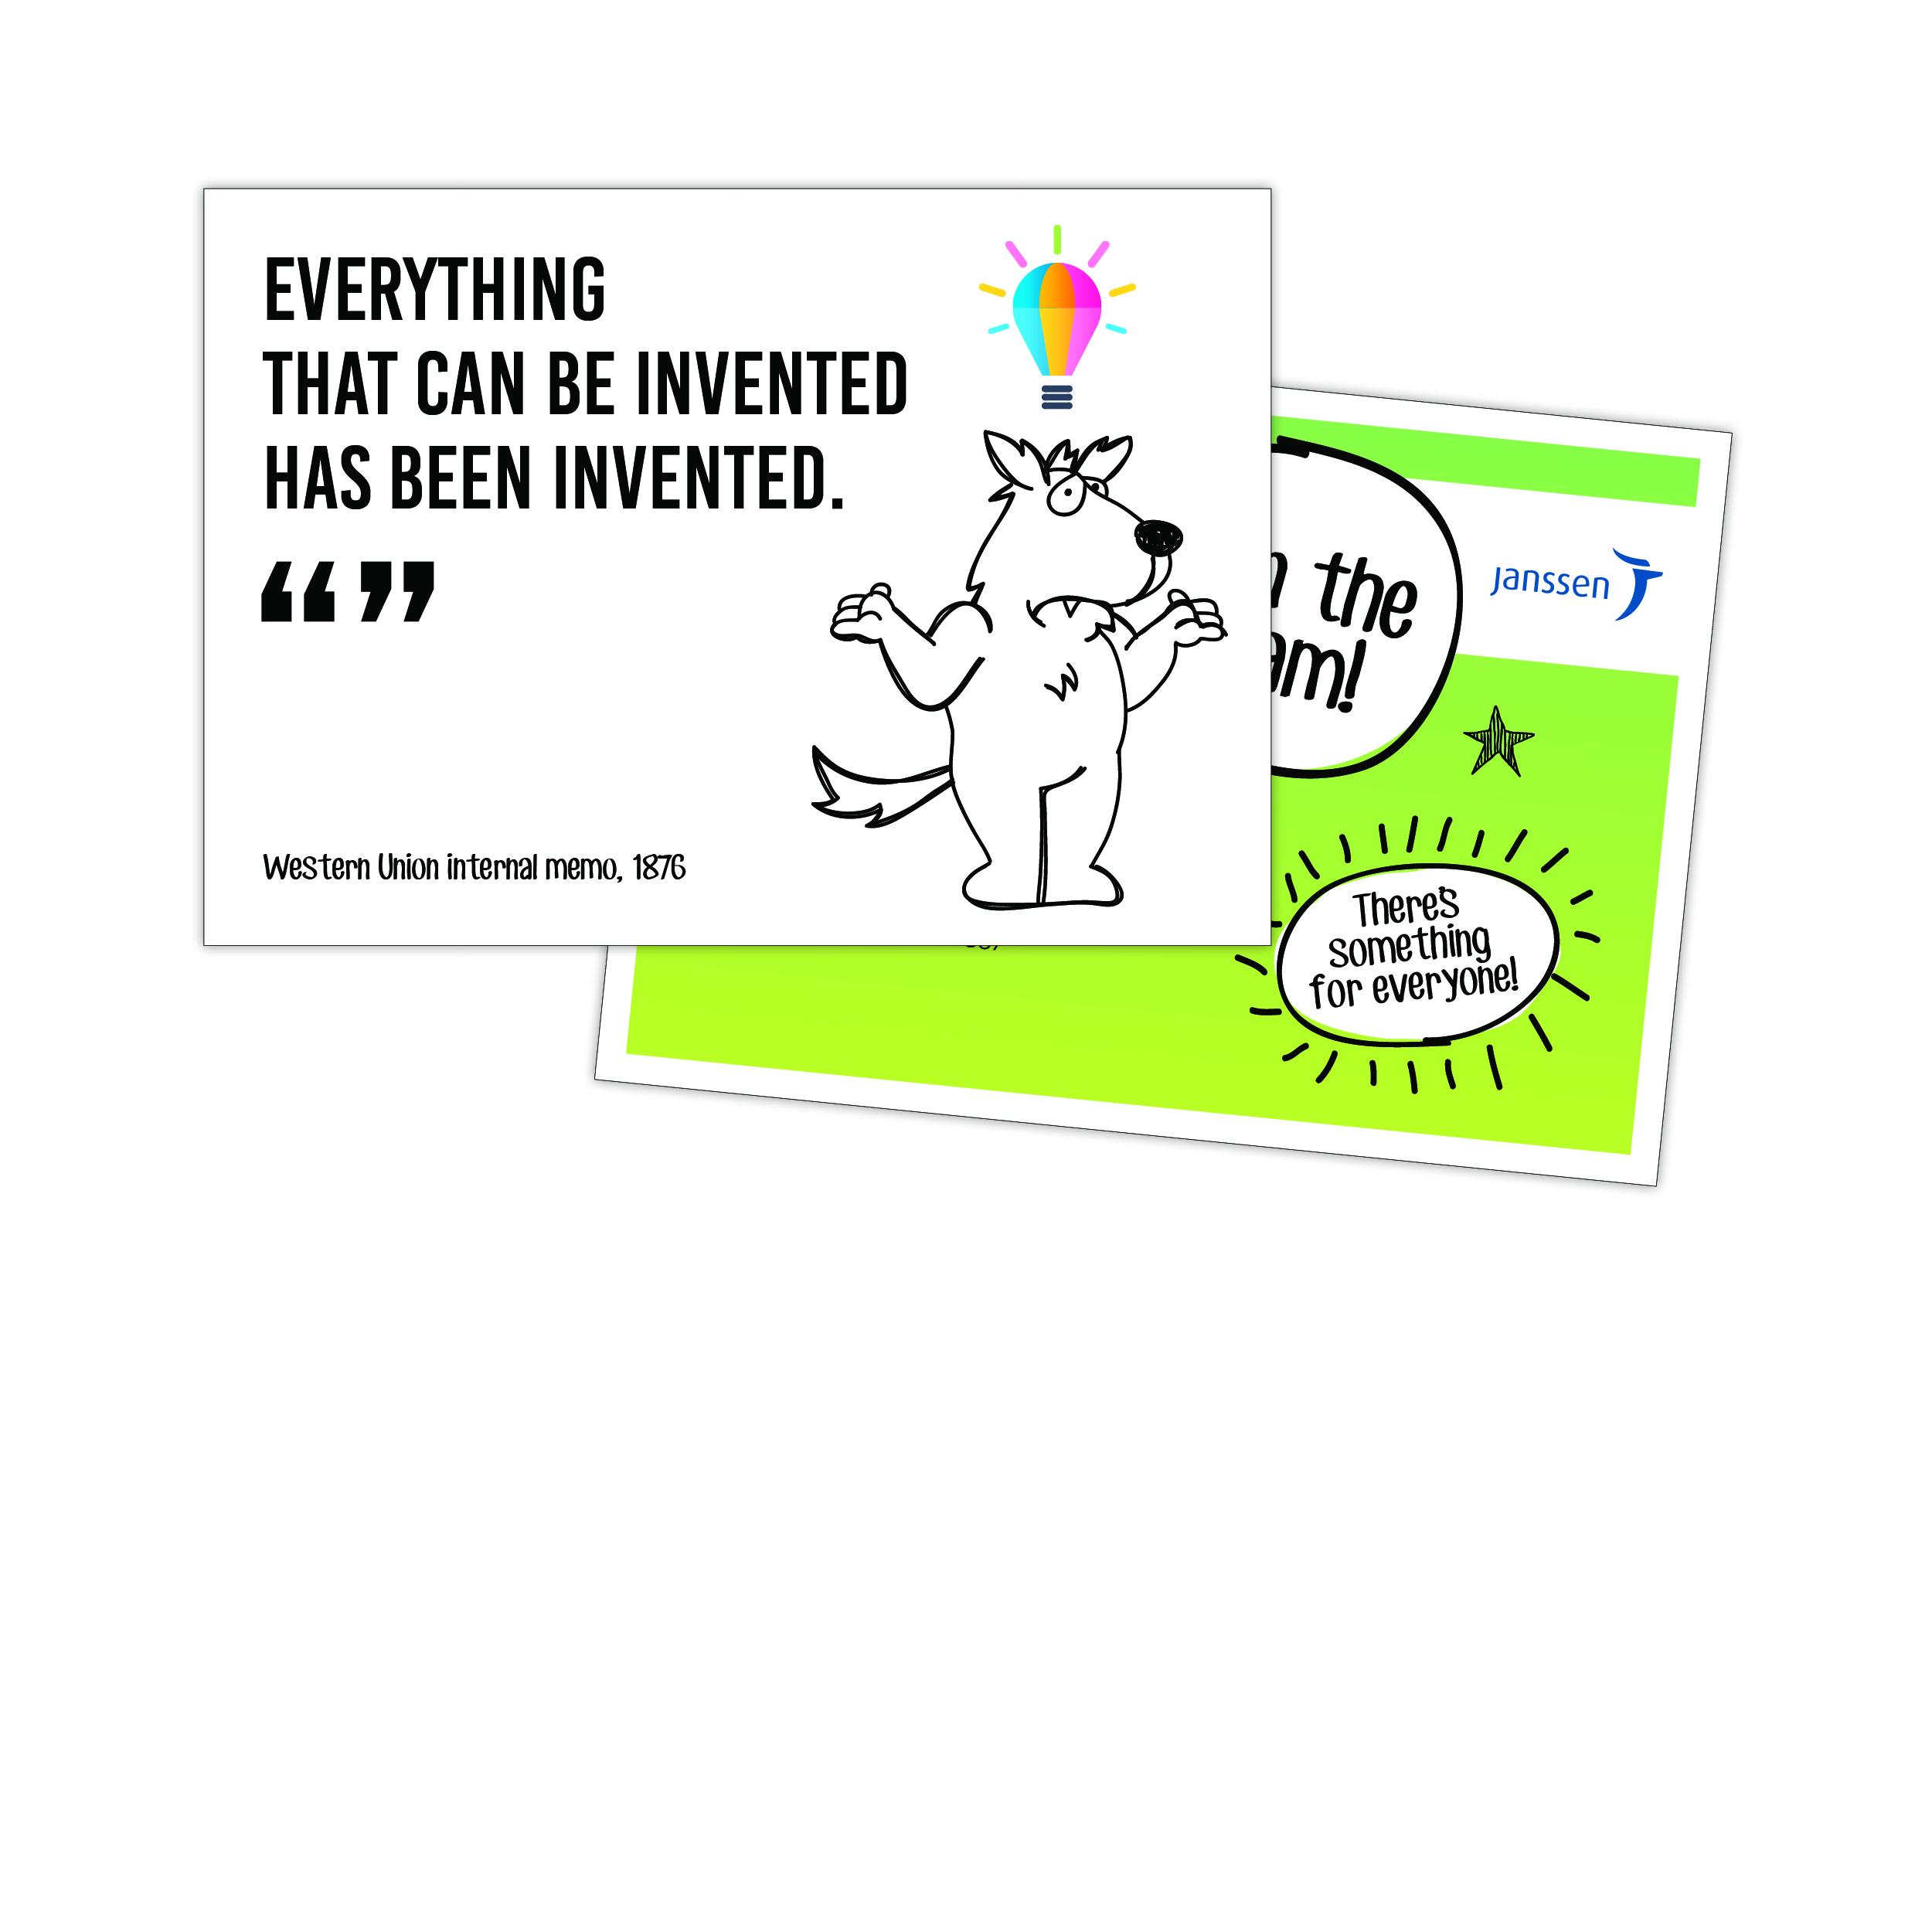 Innovation_6.jpg